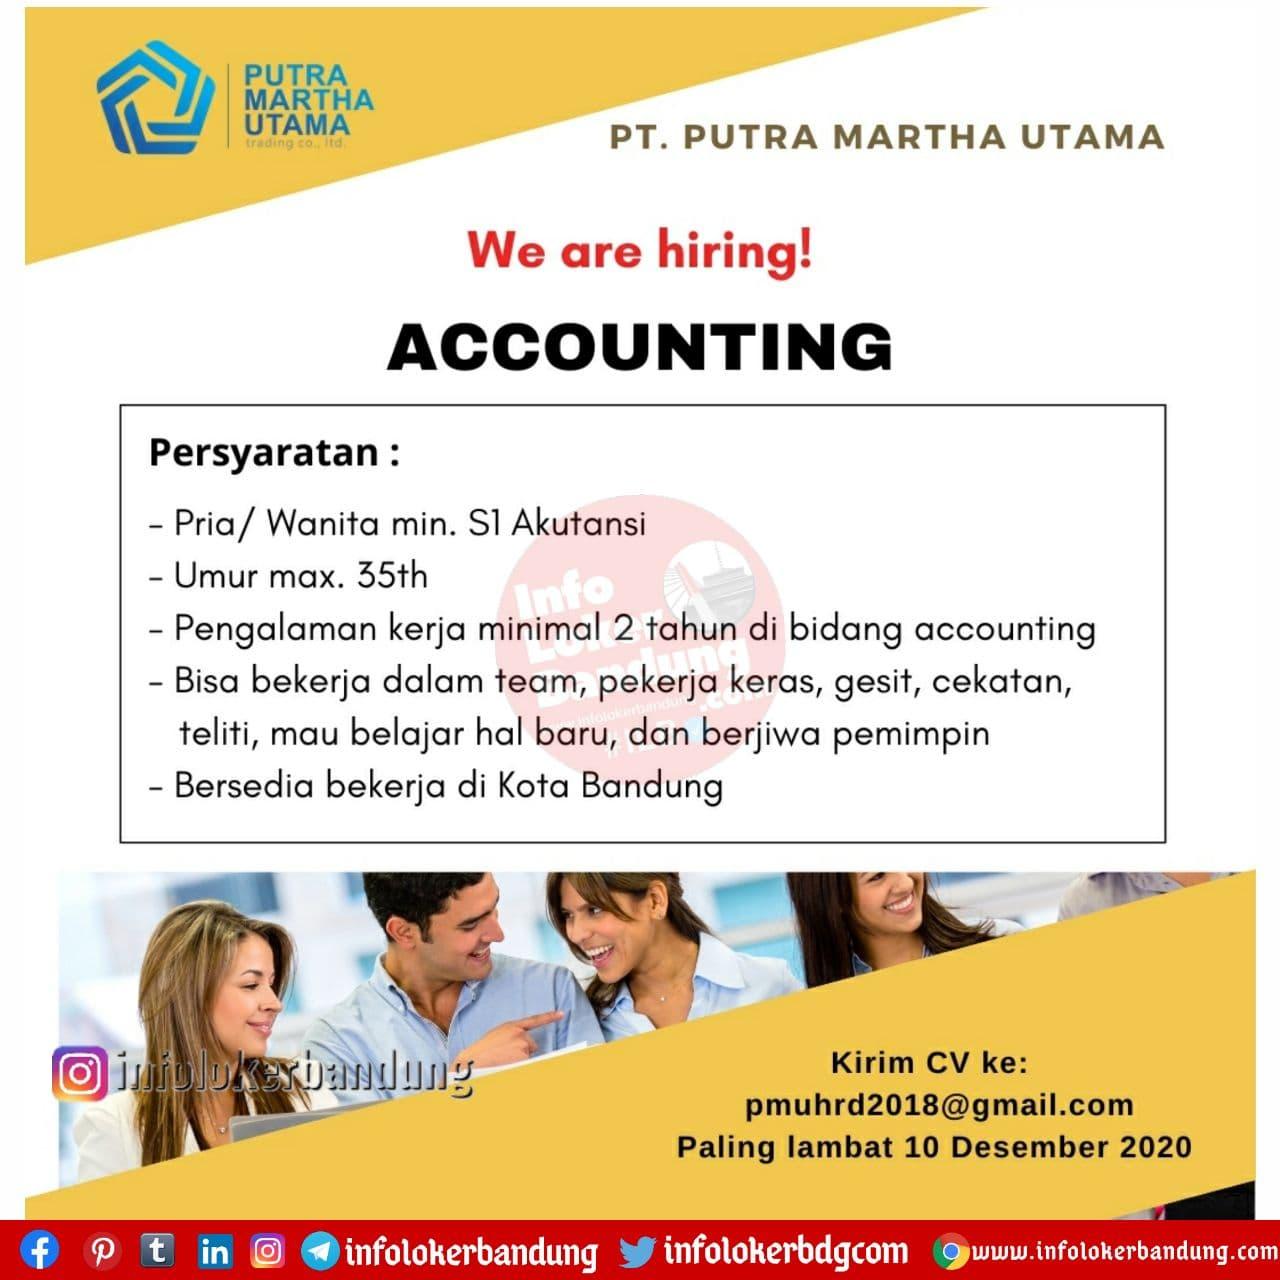 Lowongan Kerja Accounting PT. Putra Martha Utama Bandung Desember 2020